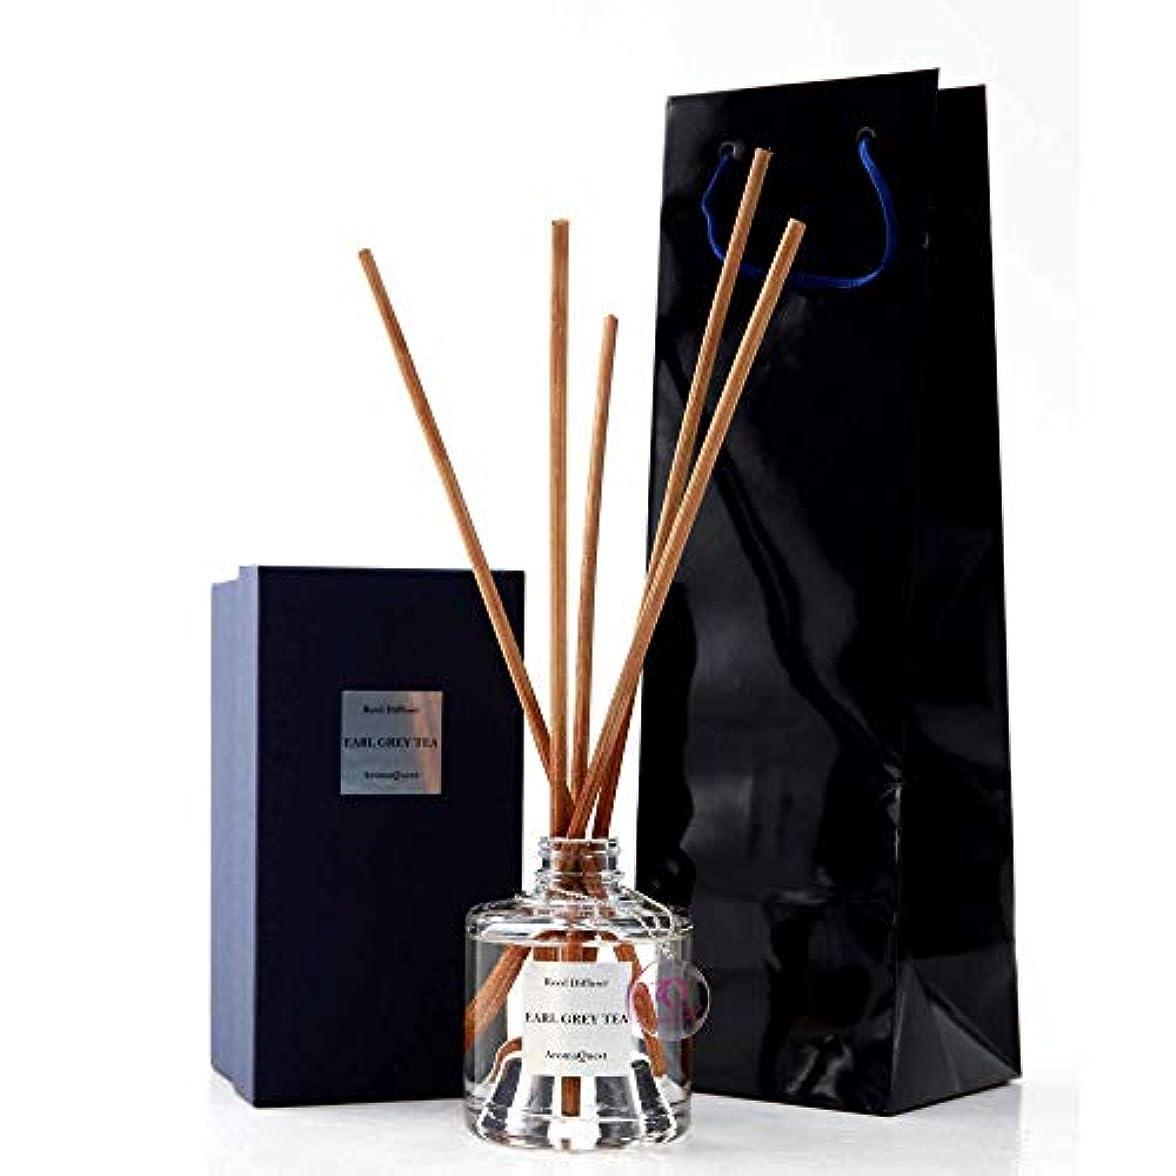 第九サンダル勧告ルームフレグランス リードディフューザー アロマディフューザー 150ml アールグレイティー EARL GREY TEA 紅茶の香り